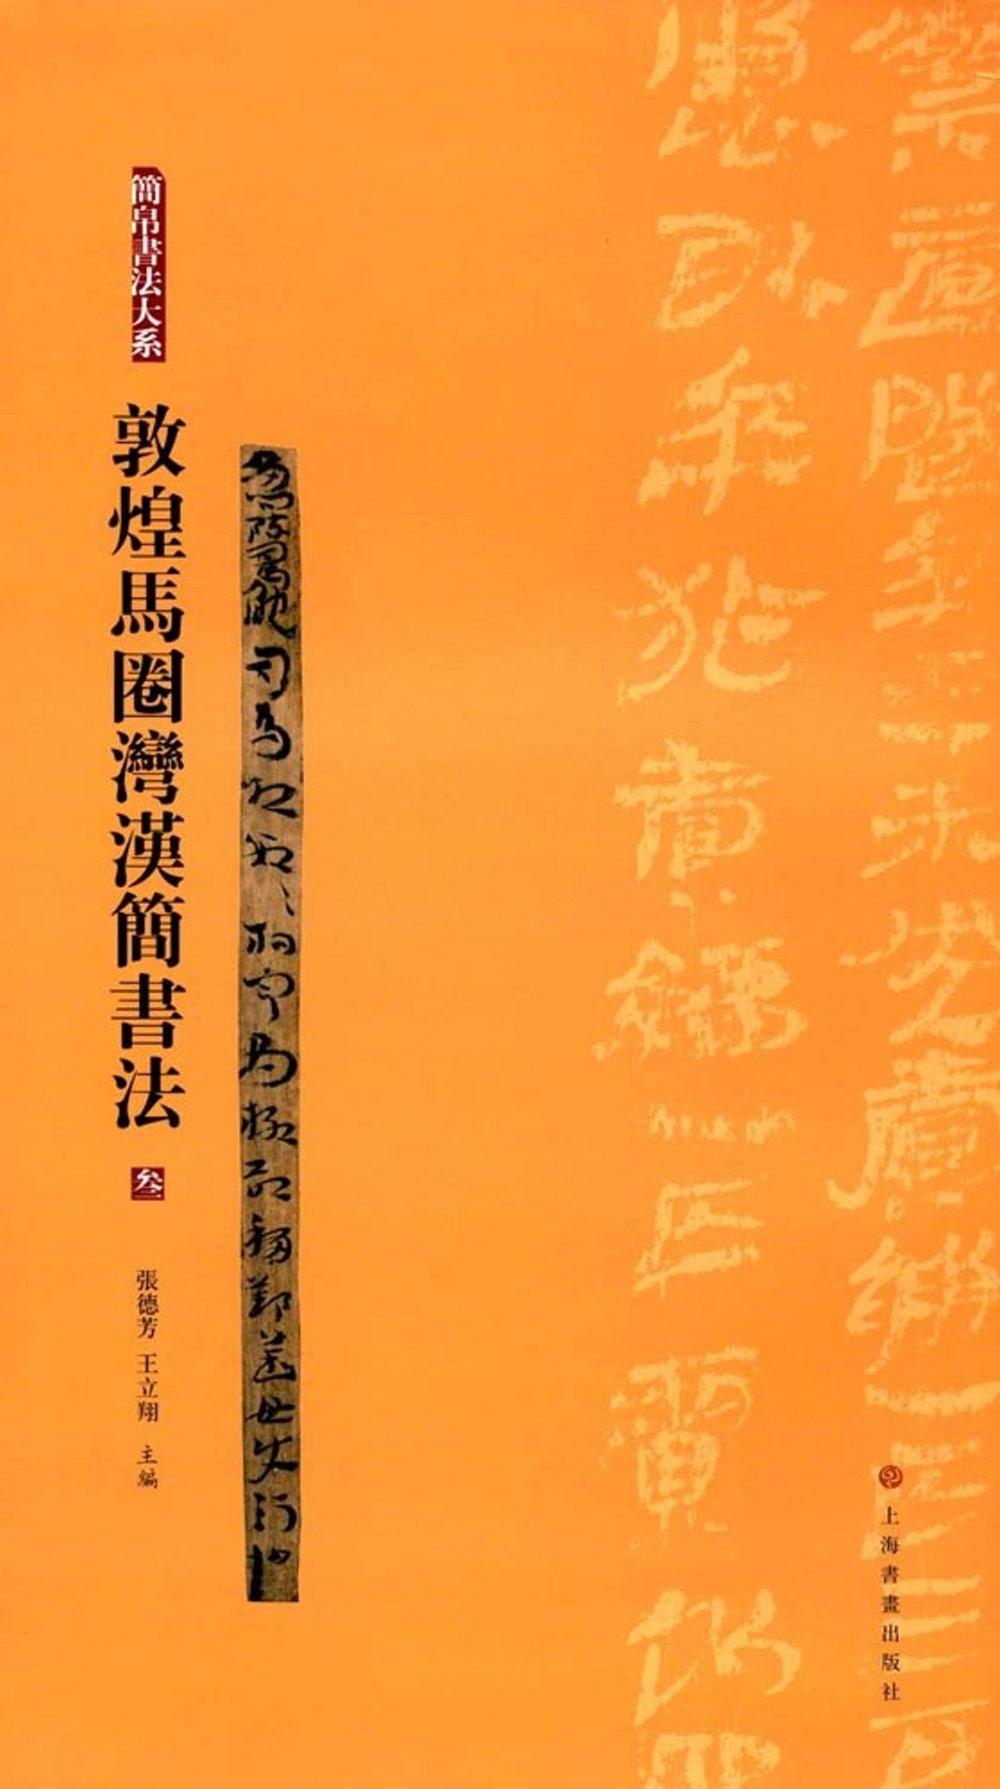 簡帛書法大系:敦煌馬圈灣漢簡書法(參)